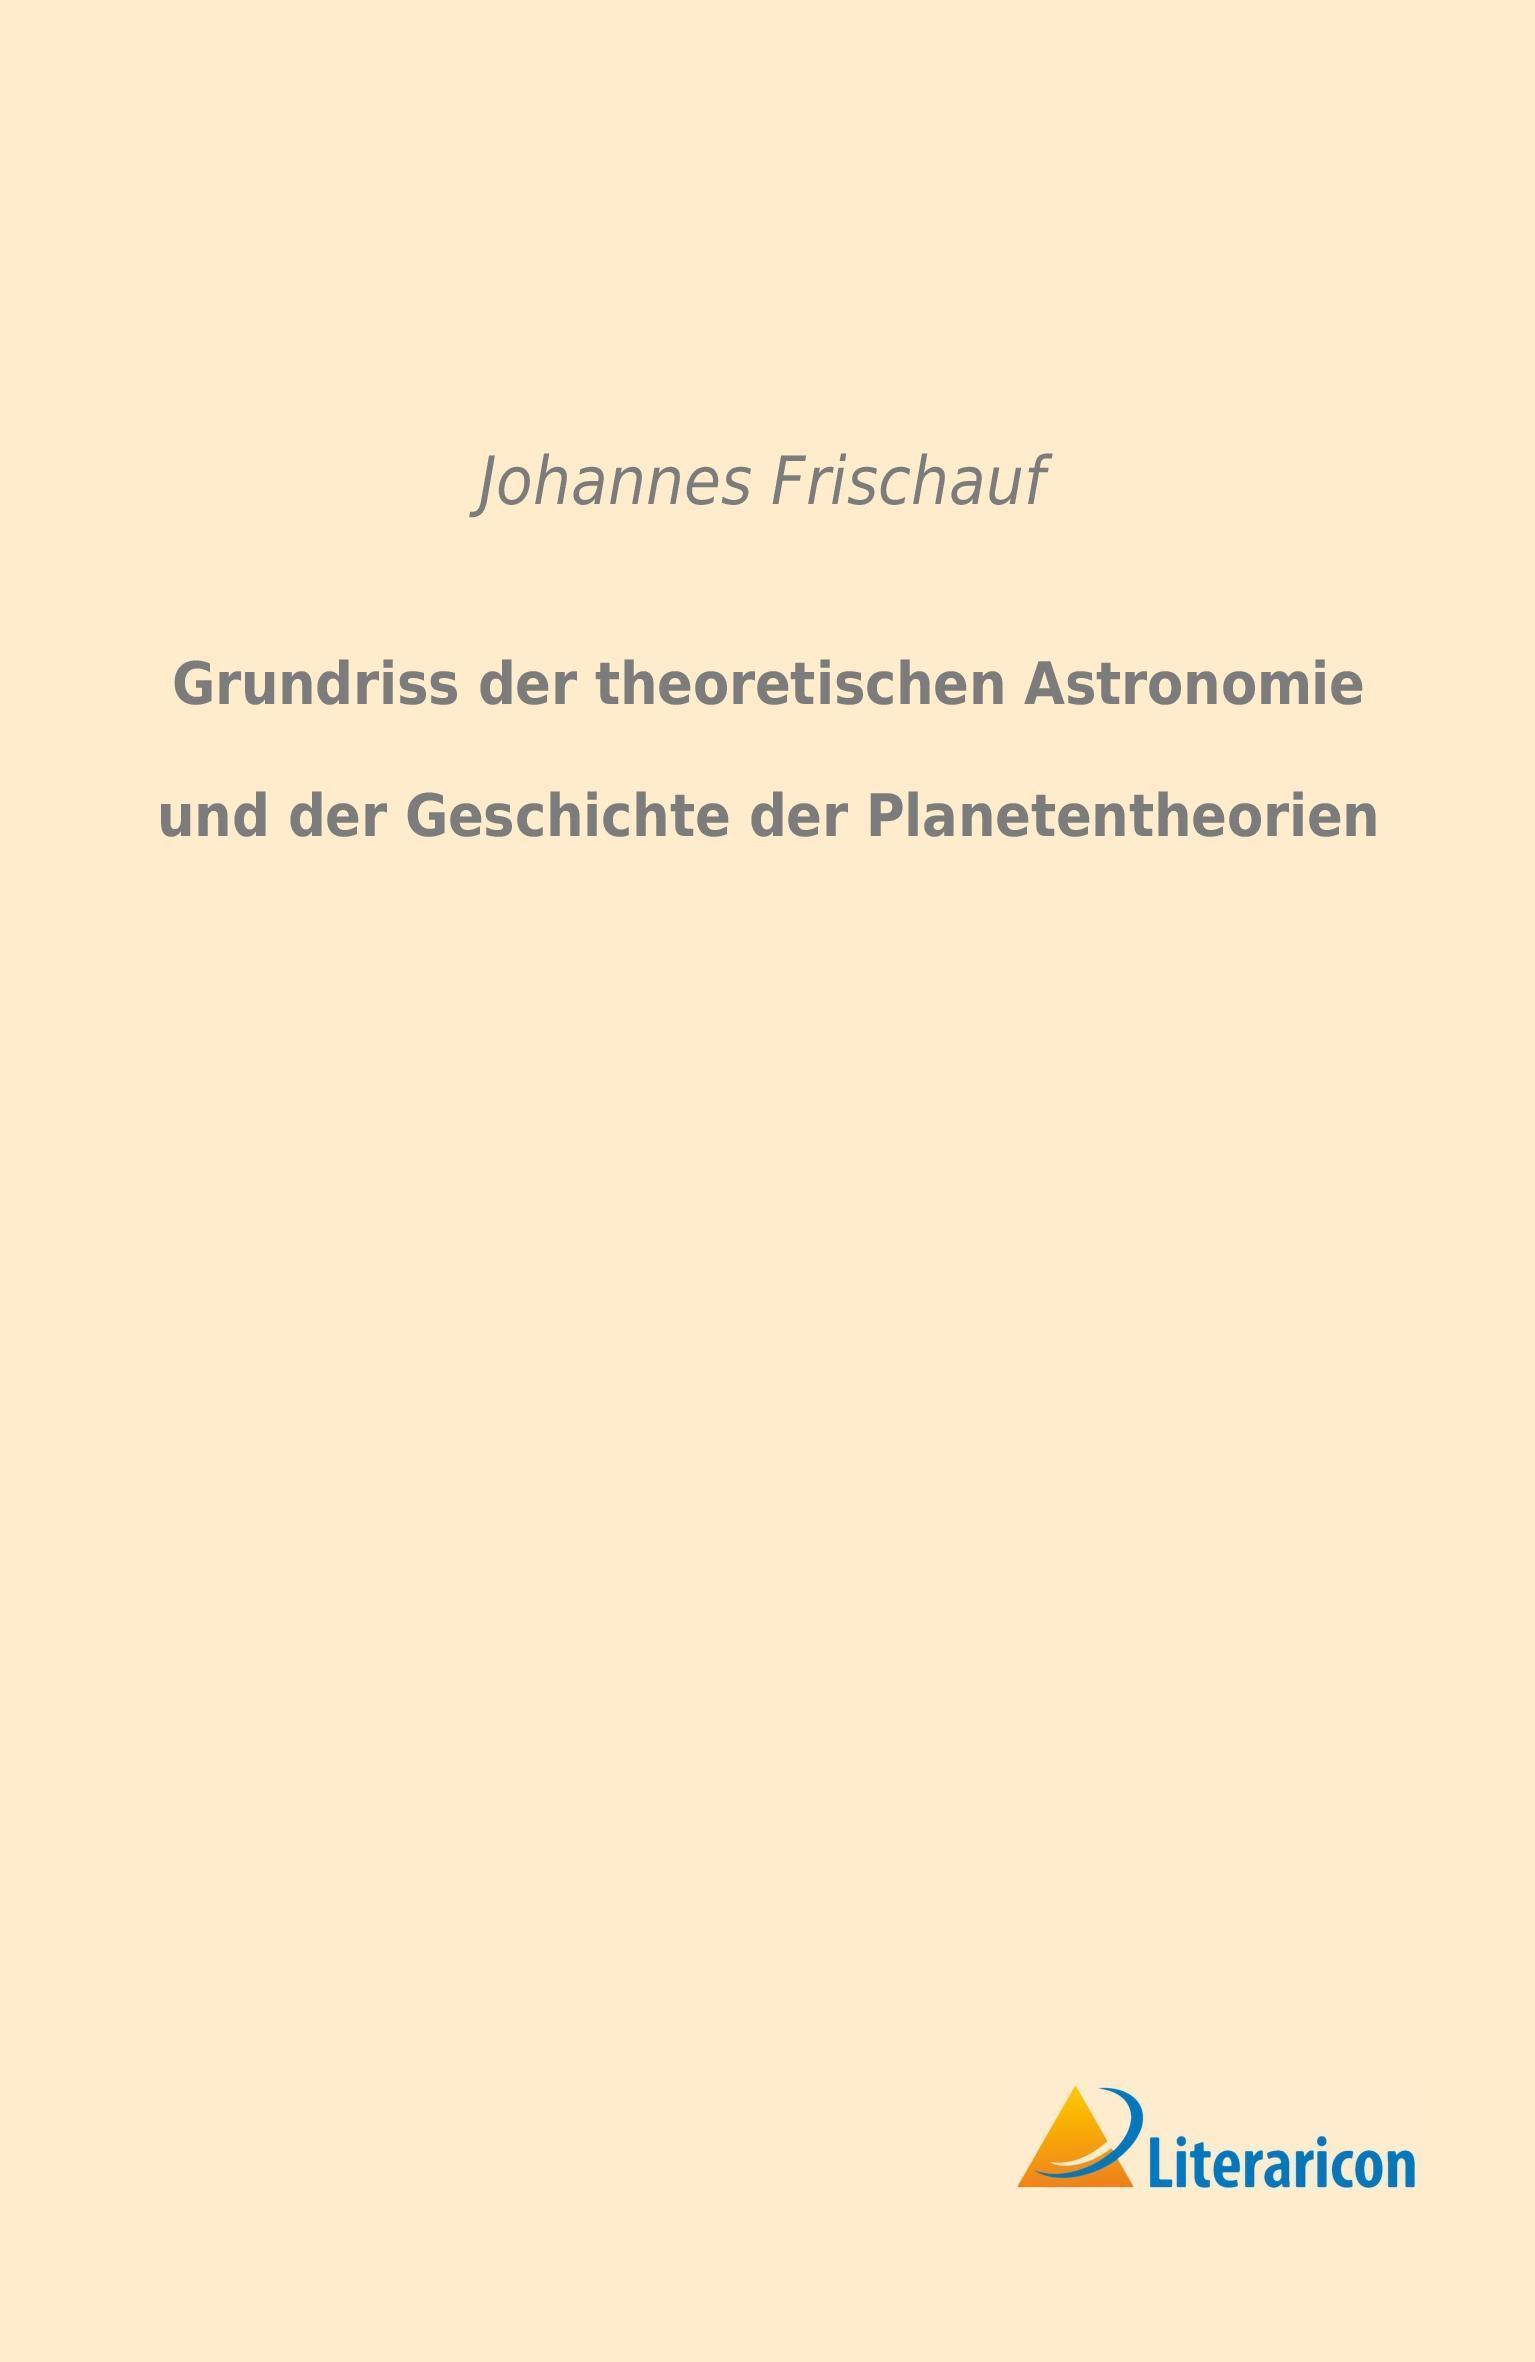 Grundriss der theoretischen Astronomie und der Geschichte der Planetentheor ...